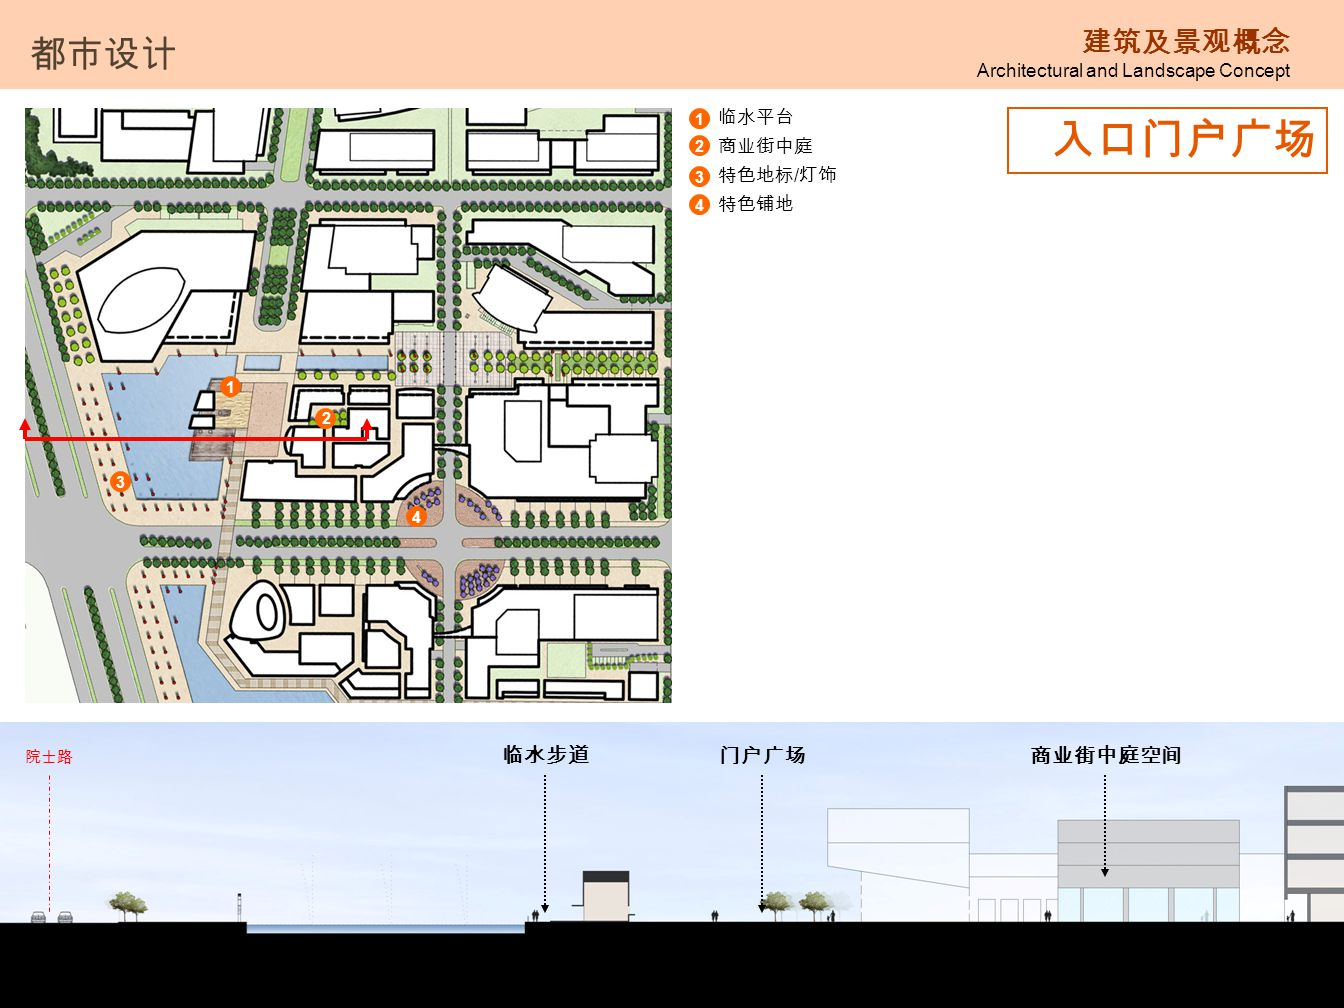 入口门户广场 都市设计 建筑及景观概念 临水步道 门户广场 商业街中庭空间